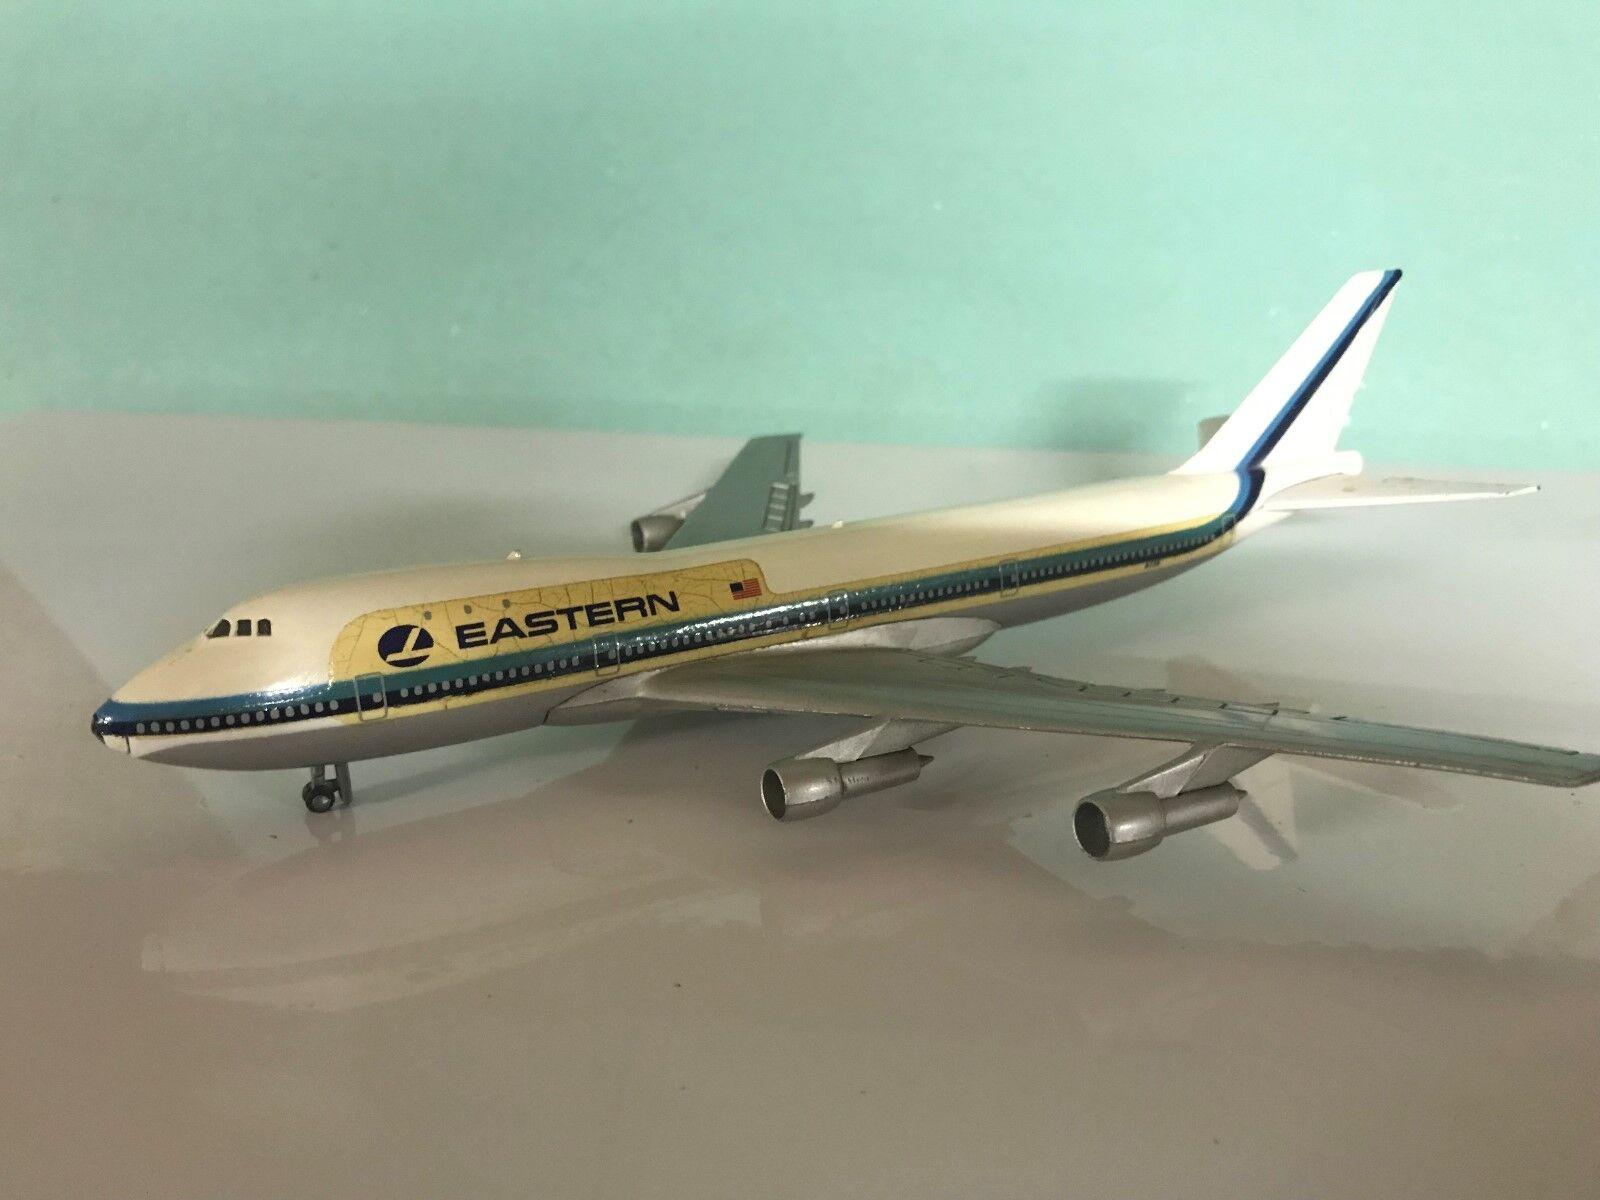 orden en línea B-747 EASTERN AERO MINI  1 1 1 290  el estilo clásico